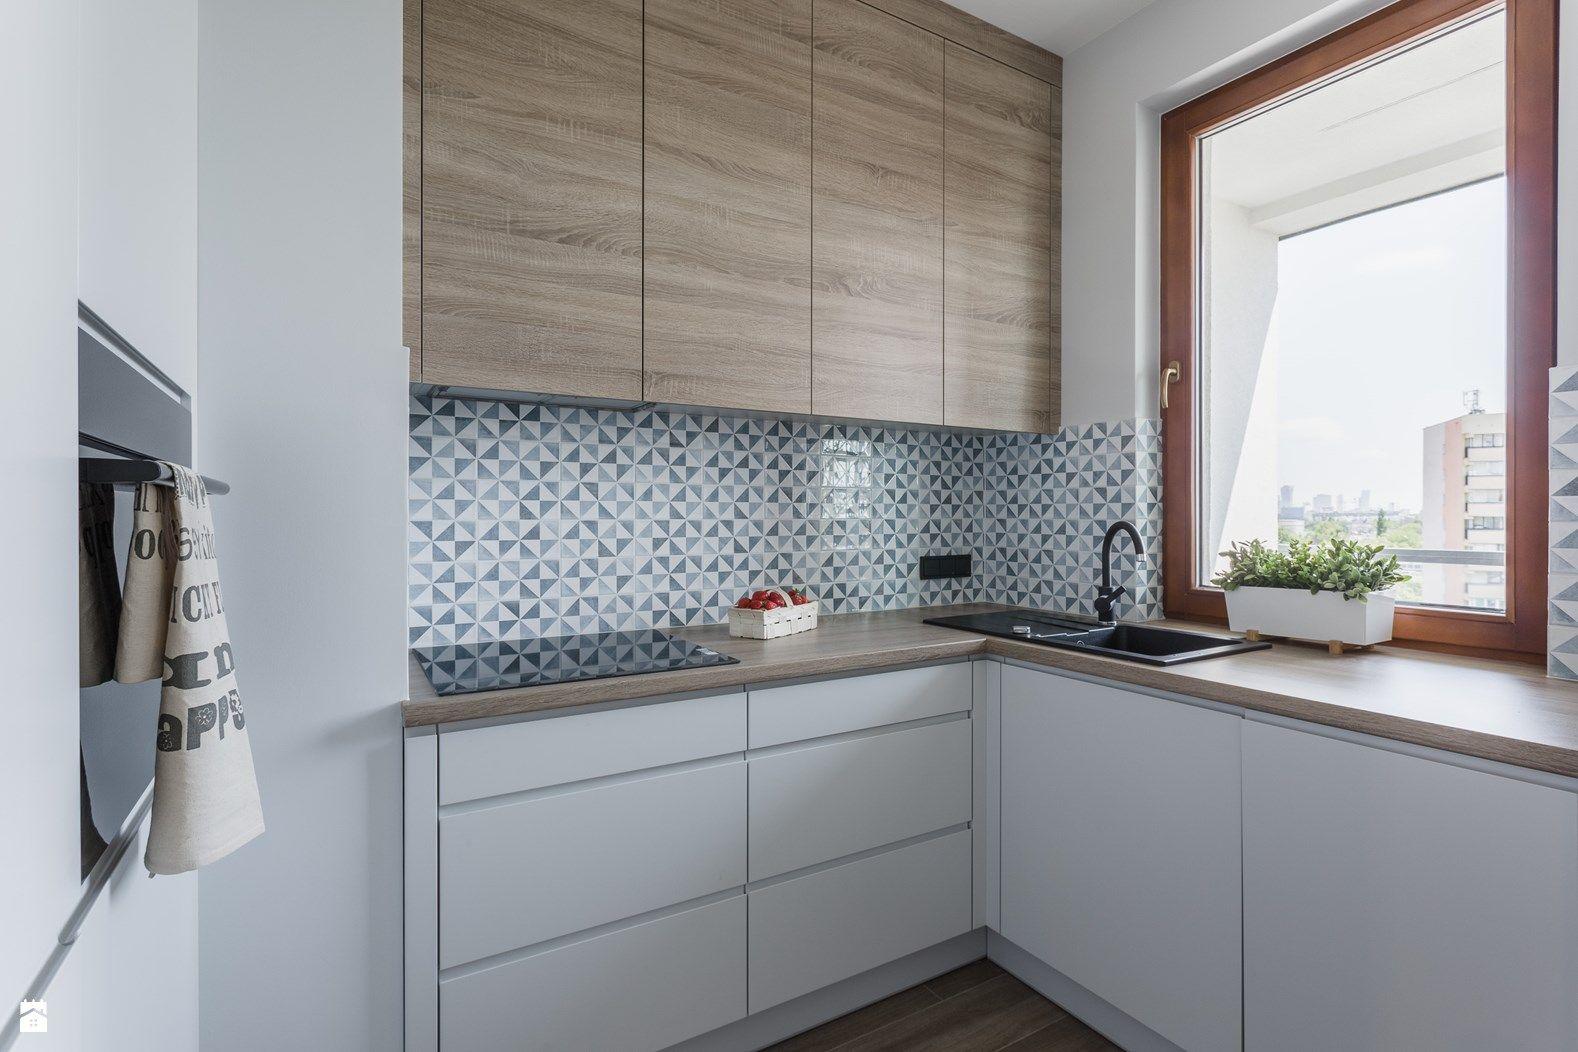 Wystroj Wnetrz Kuchnia Pomysly Na Aranzacje Projekty Ktore Stanowia Prawdziwe Inspiracje Dla Kazdego Dla Home Decor Kitchen Kitchen Decor Kitchen Design